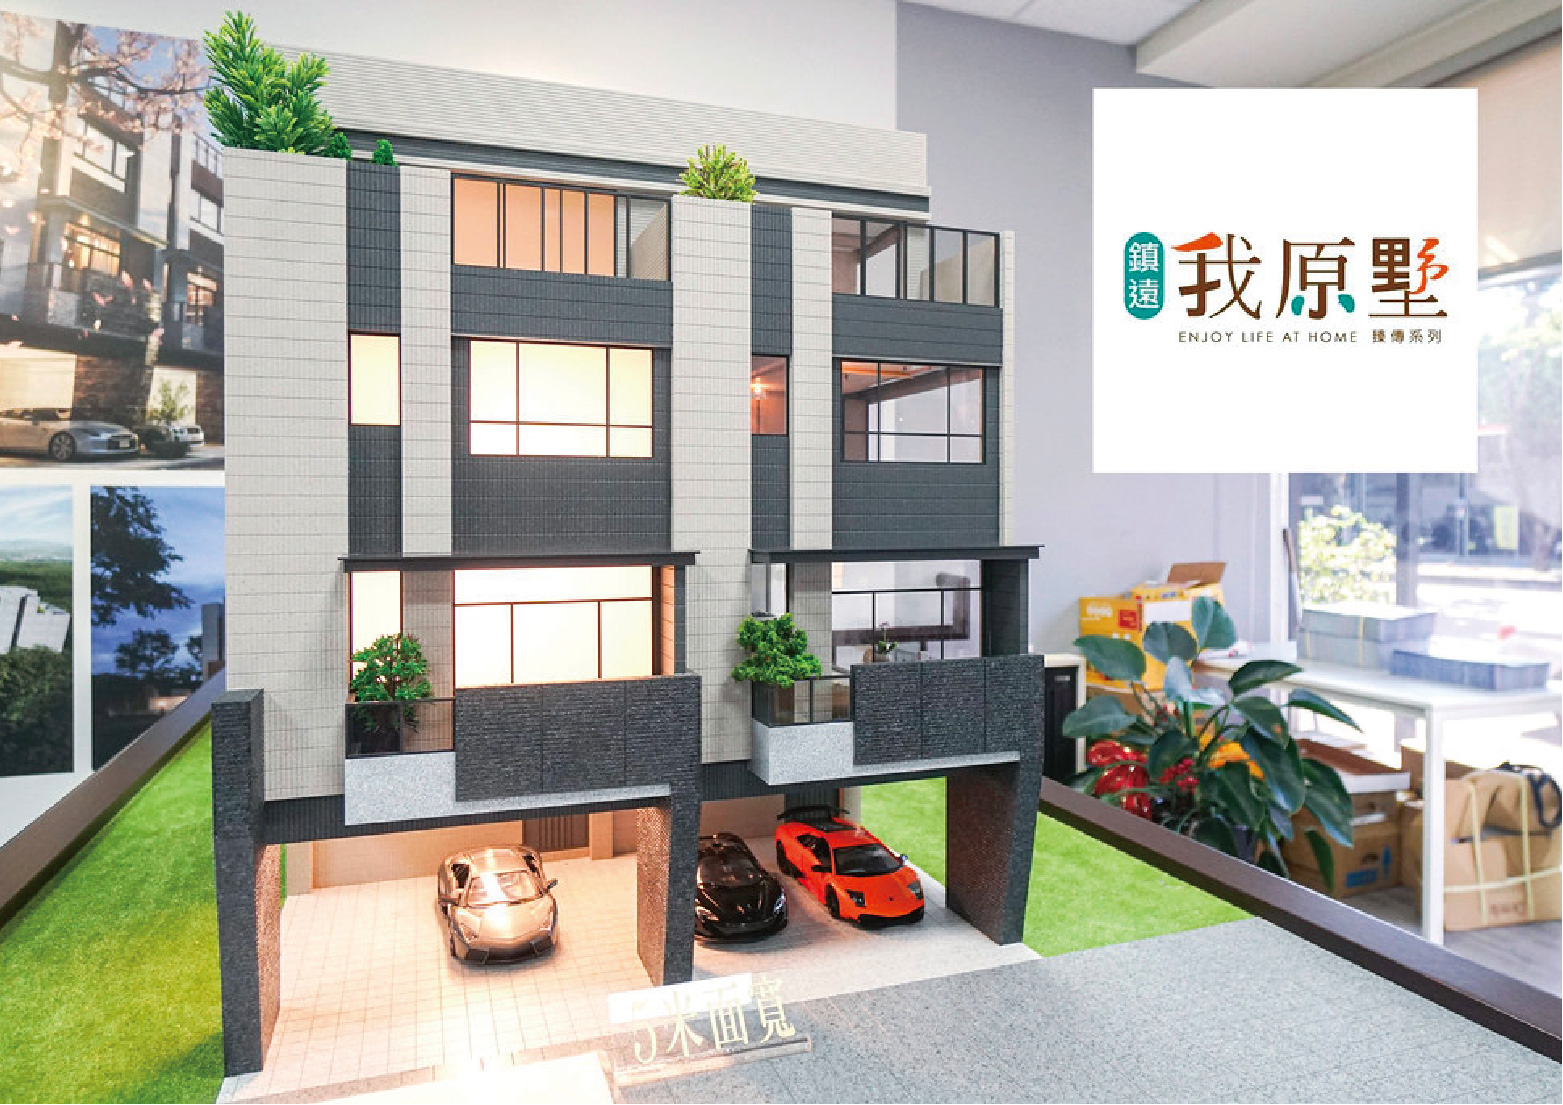 圖片:台中潭子新建案開箱 | 鎮遠建設 我原墅。原來就是我想找的家